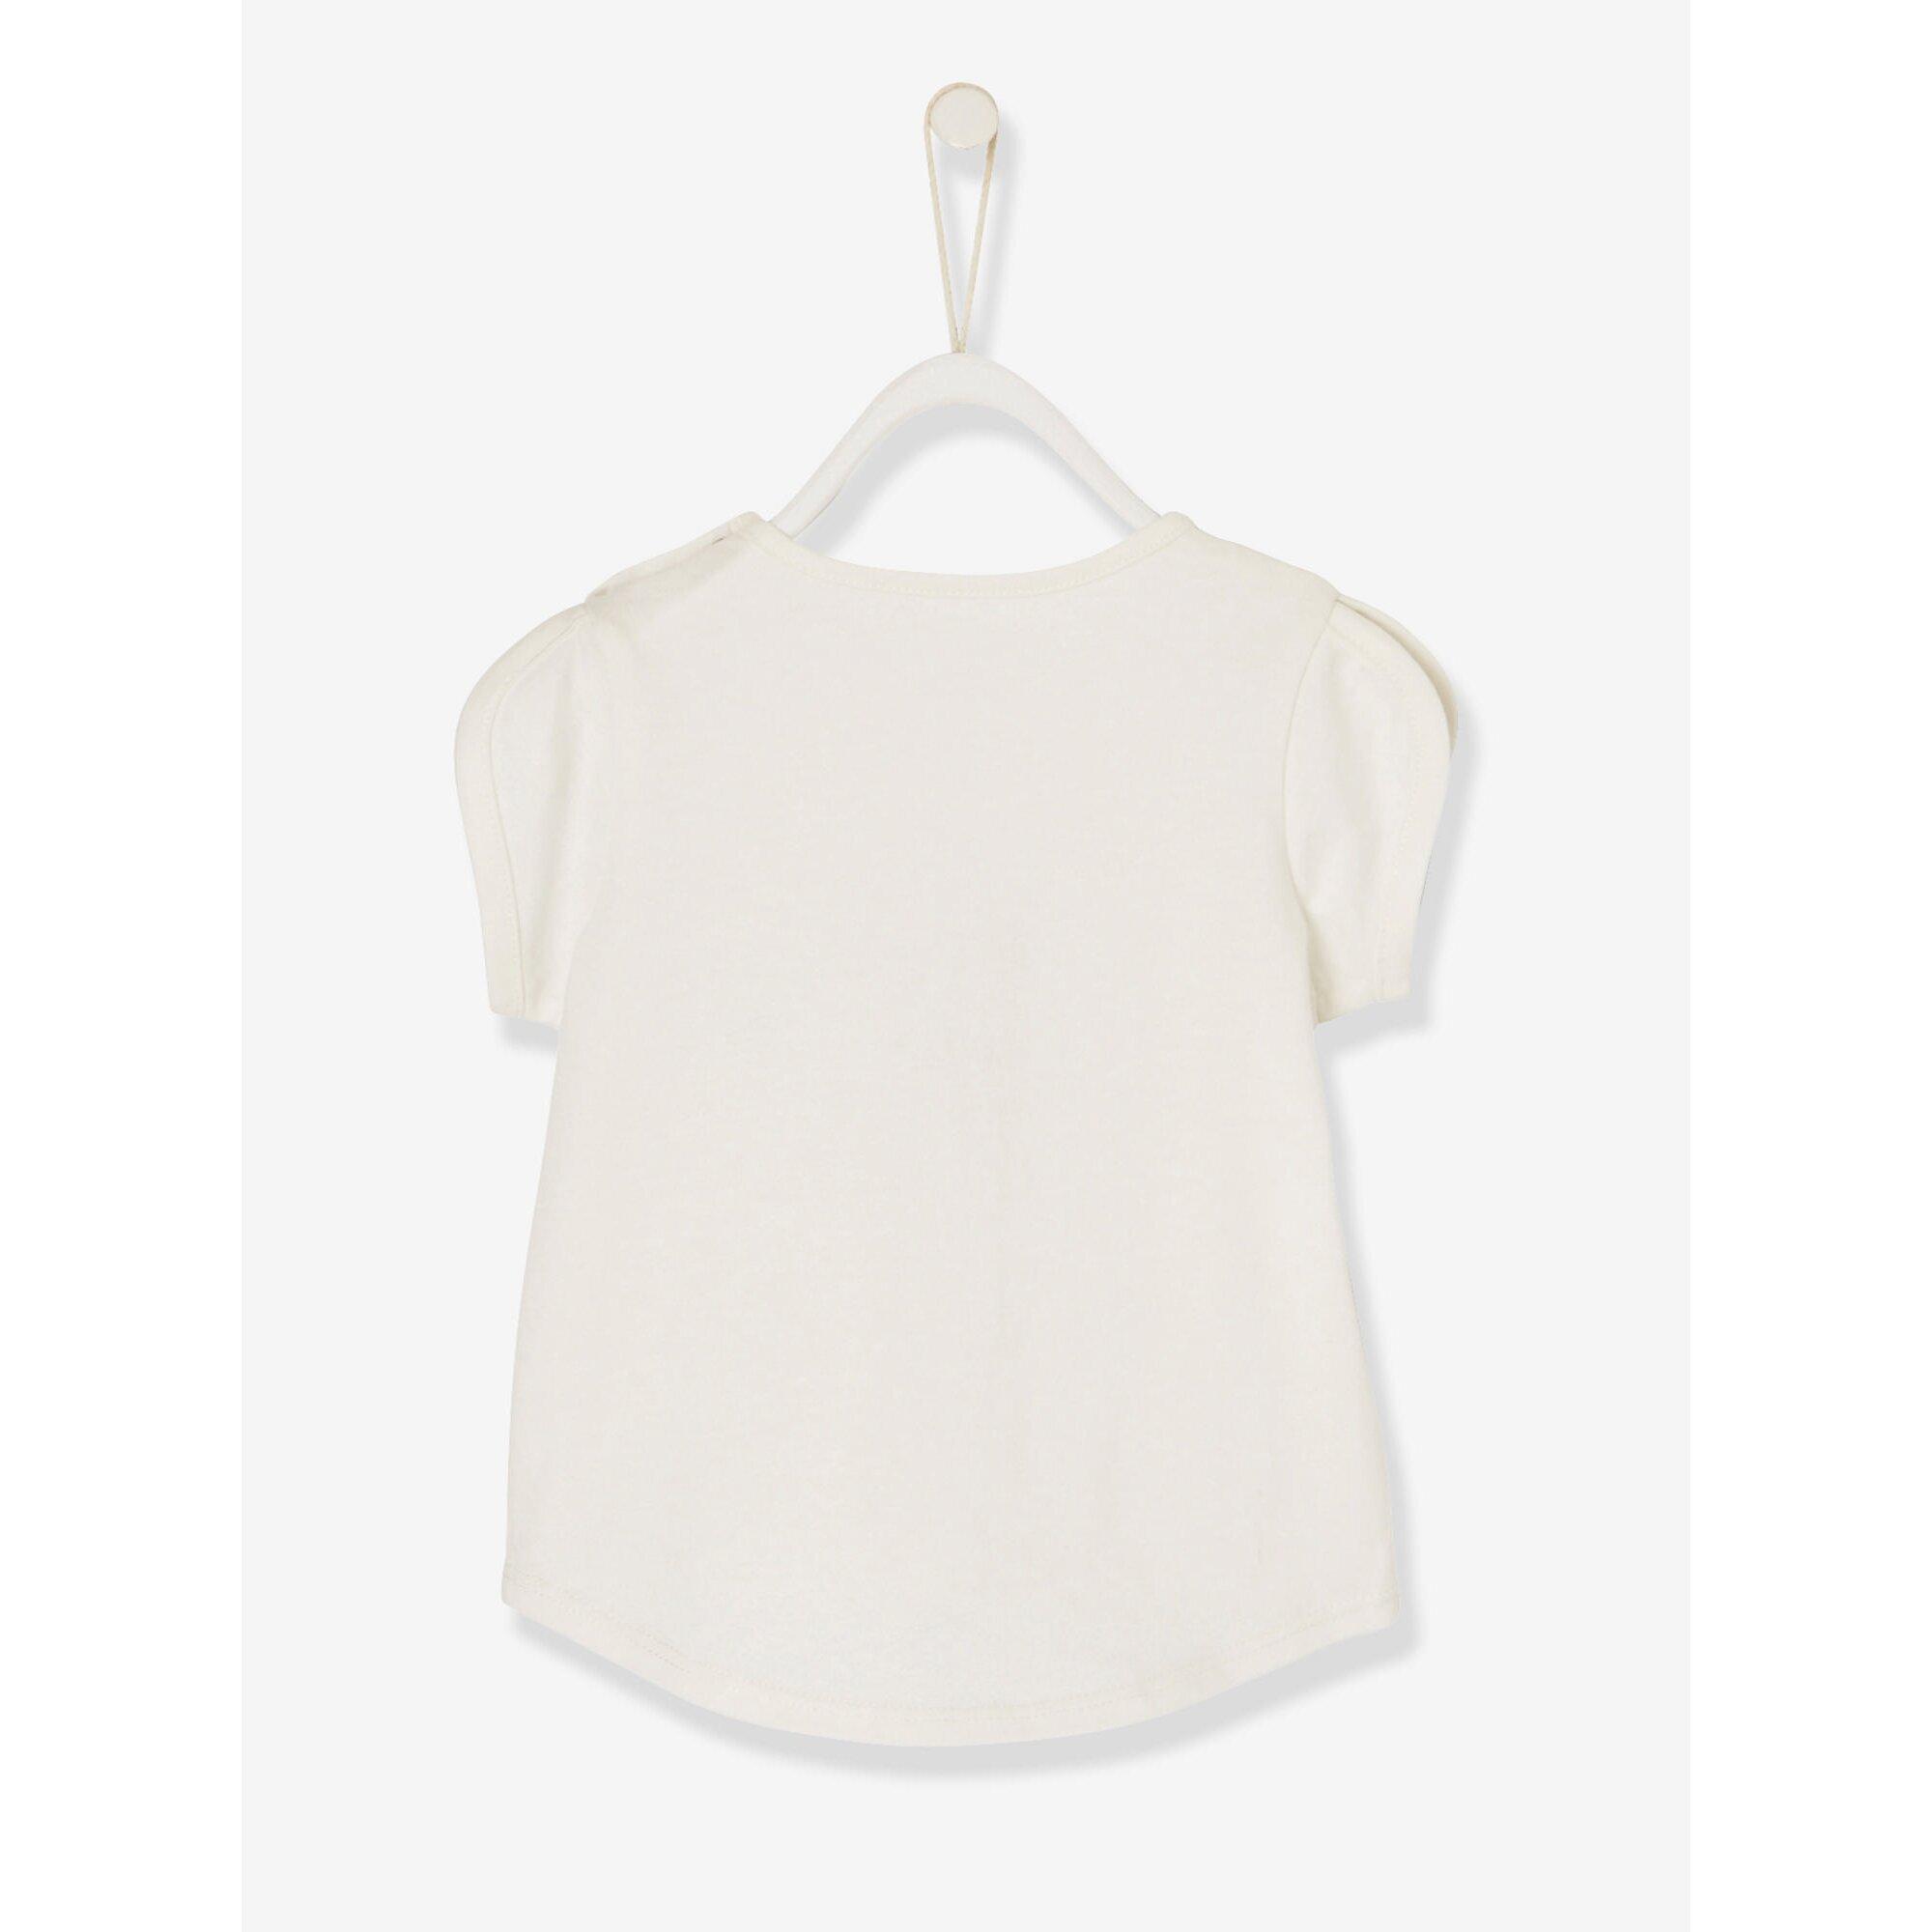 vertbaudet-baby-madchen-t-shirt-baumwolle, 6.29 EUR @ babywalz-de